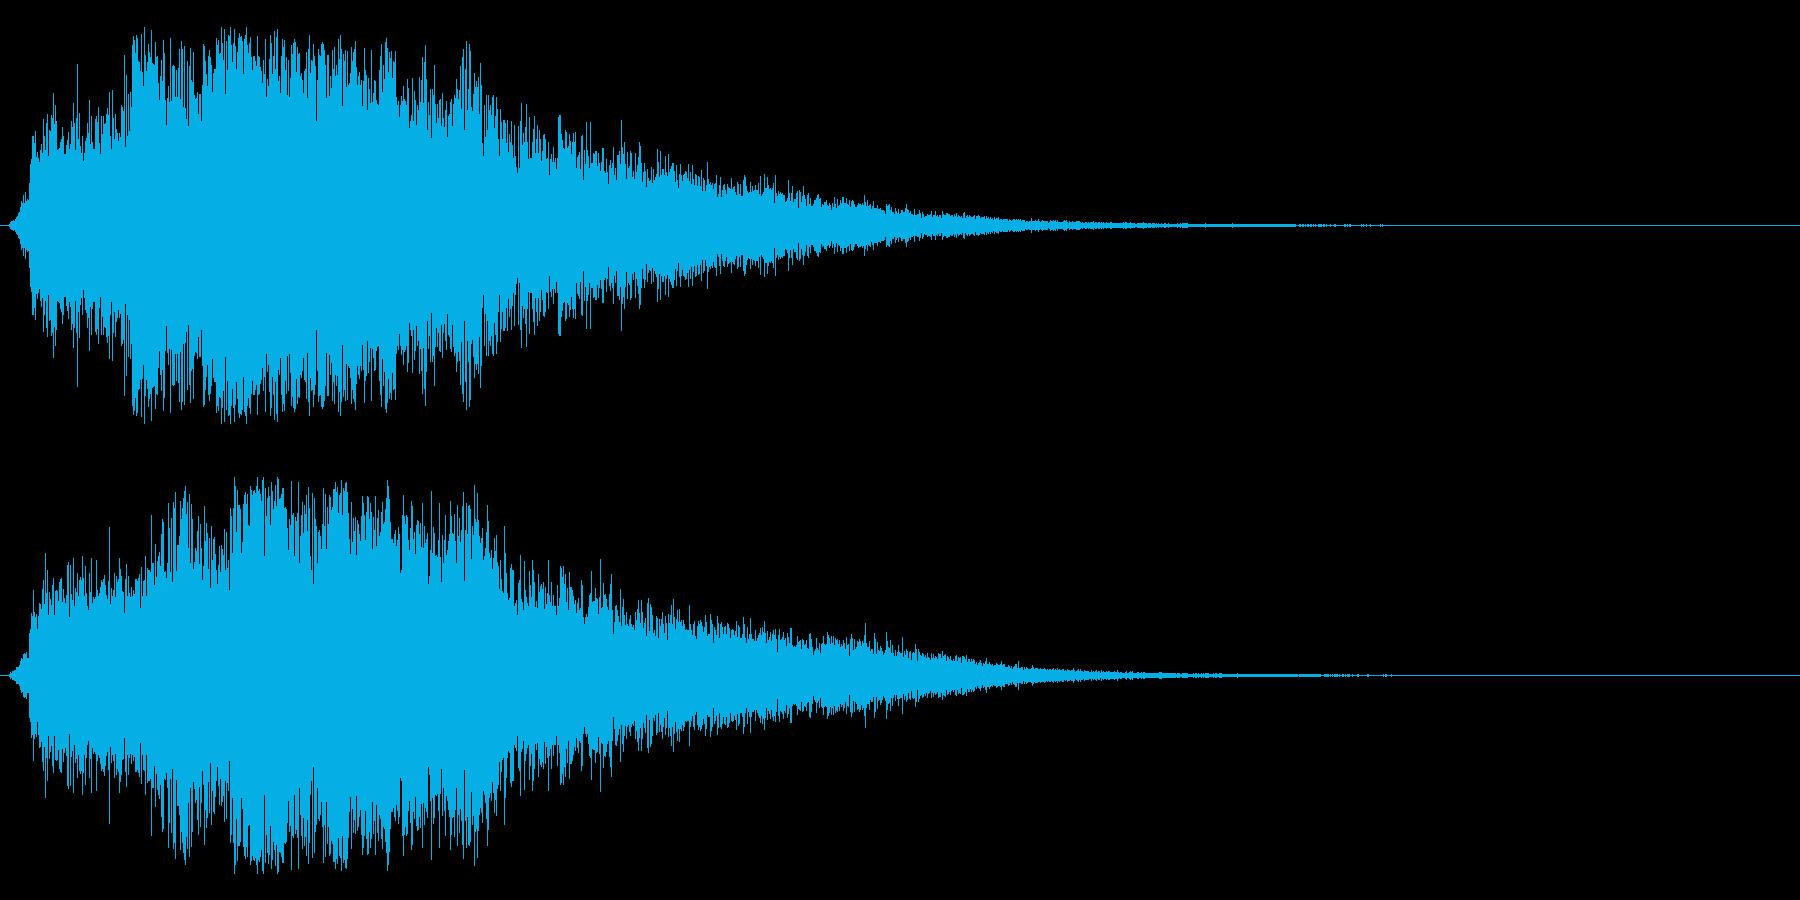 シャキーン(魔法、星、テロップなど)2の再生済みの波形